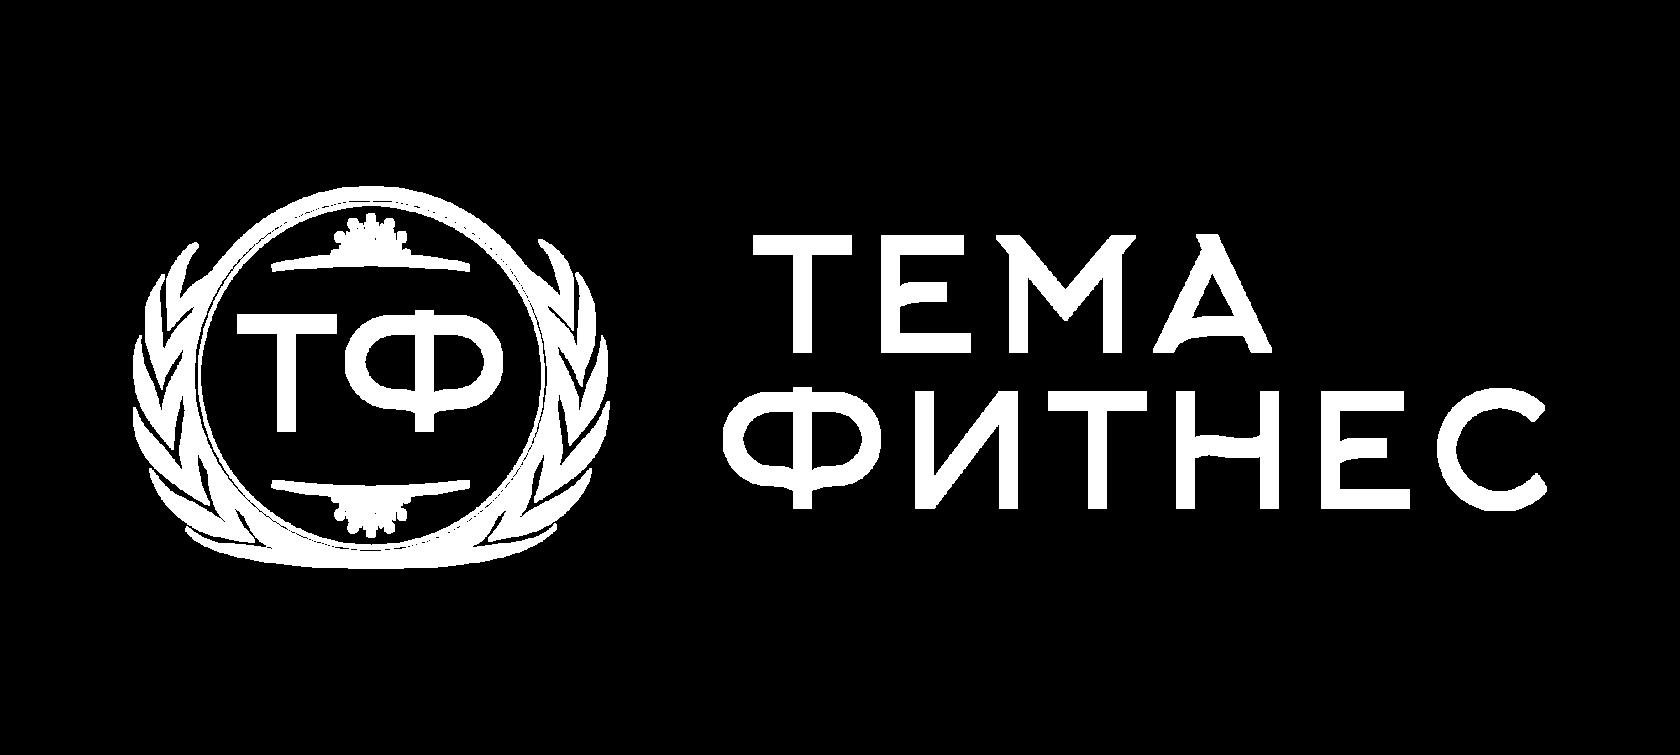 ТЕМАФИТНЕС